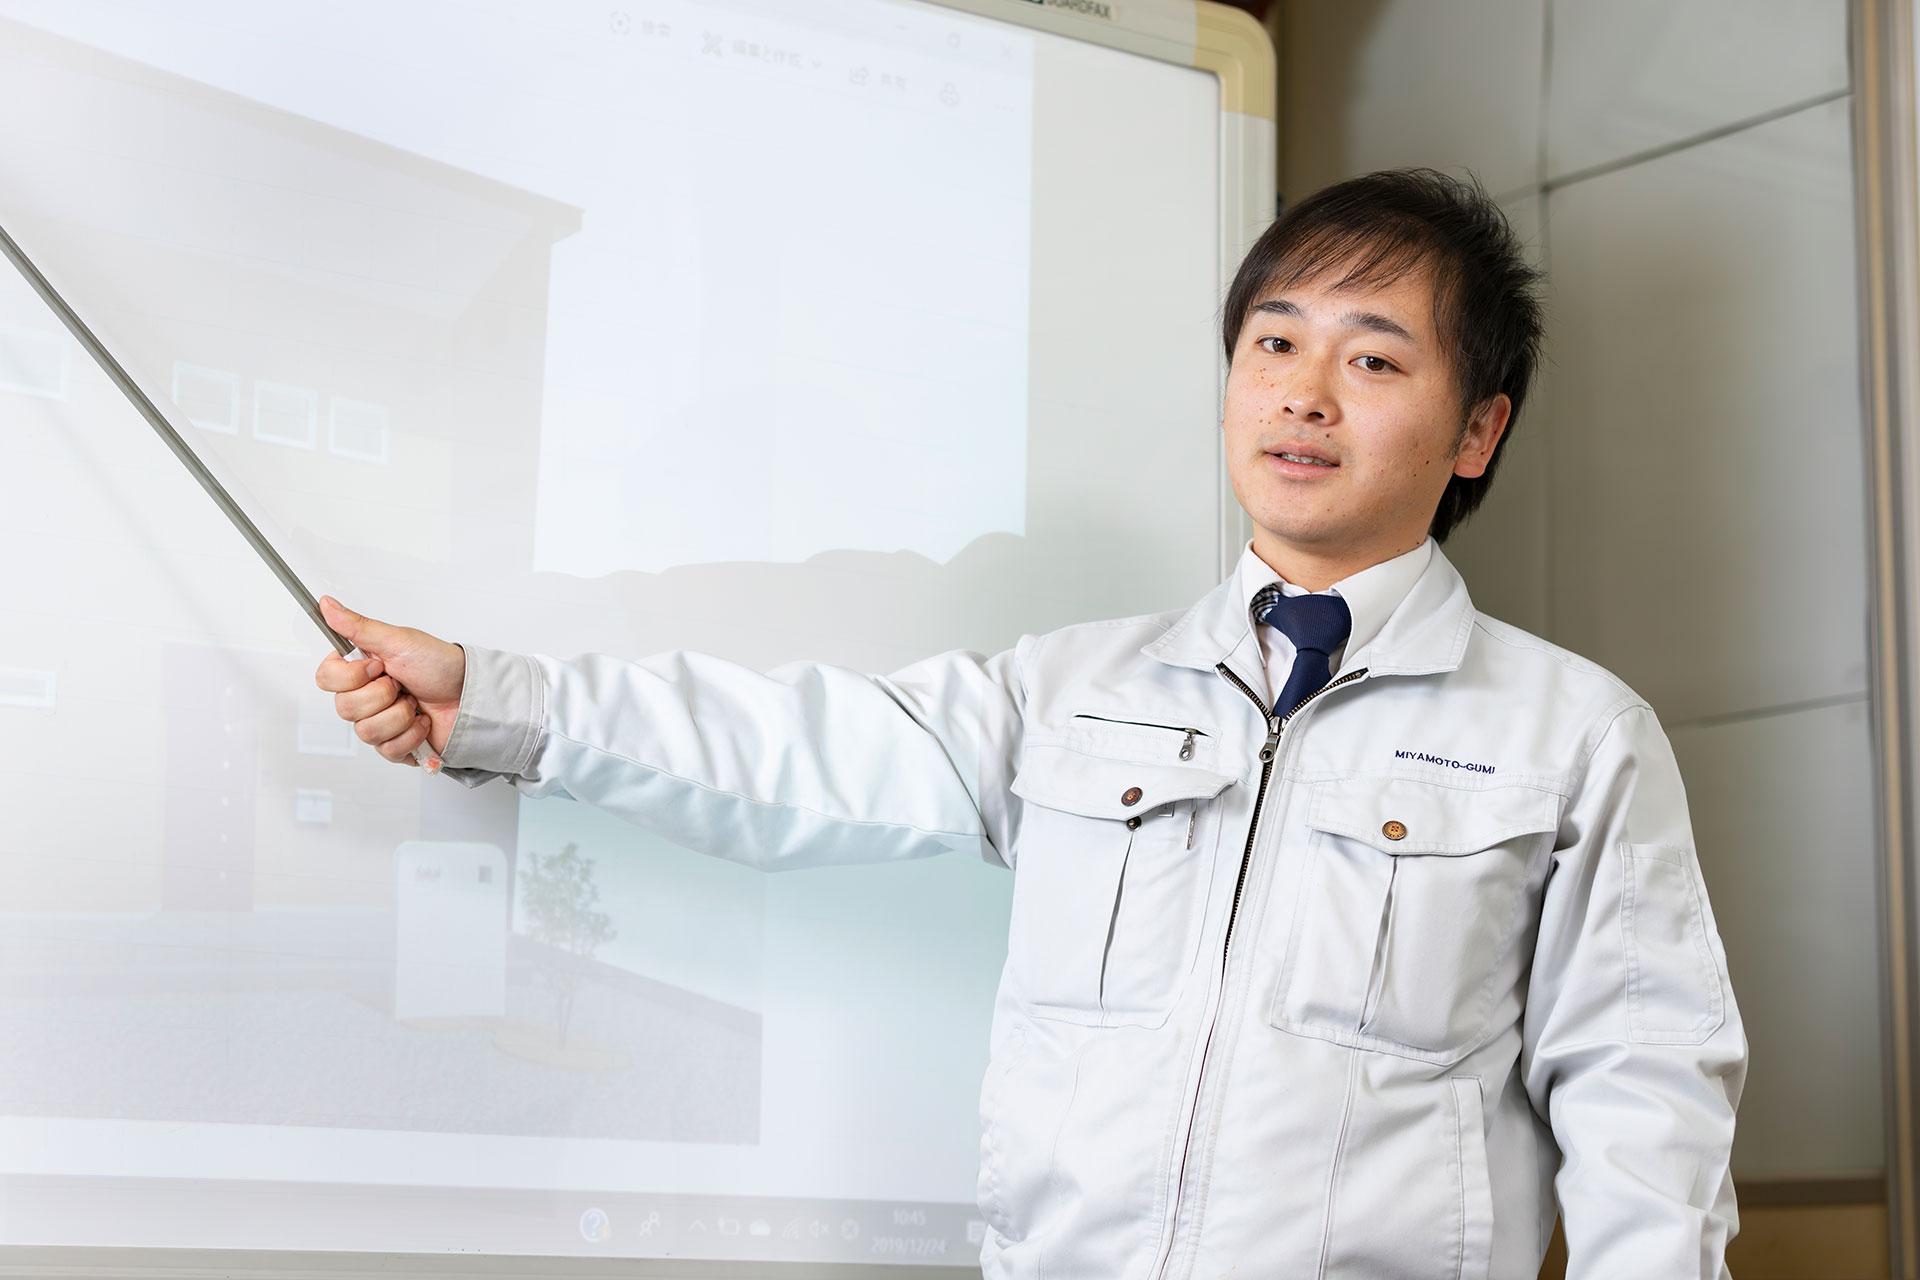 丸岡 恵輔